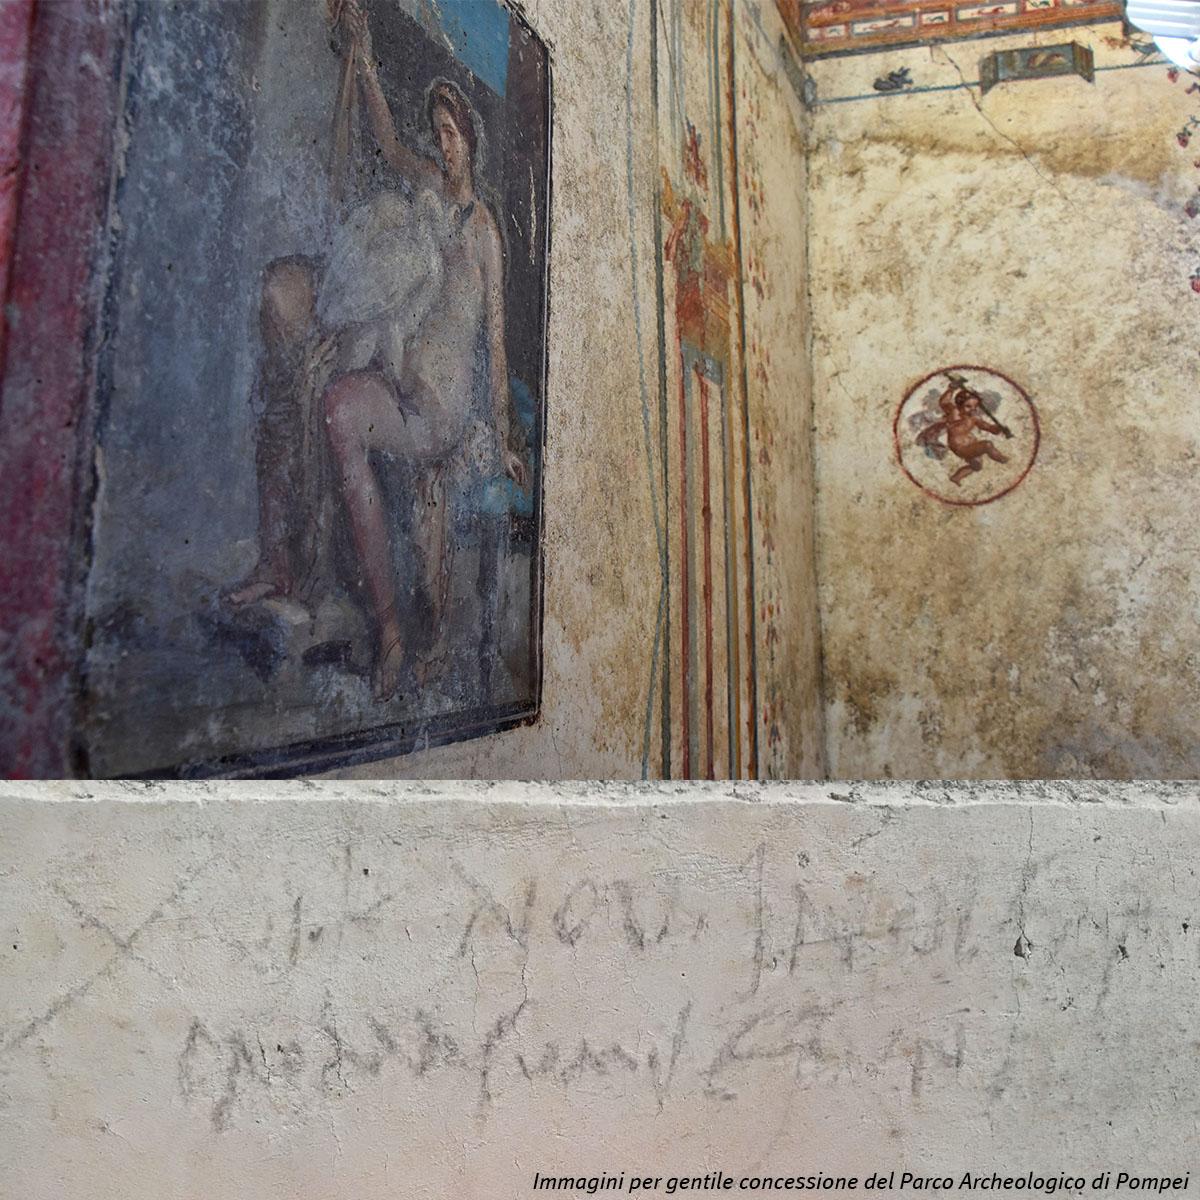 Italia - iscrizione e dimore di pregio scoperte a Pompei